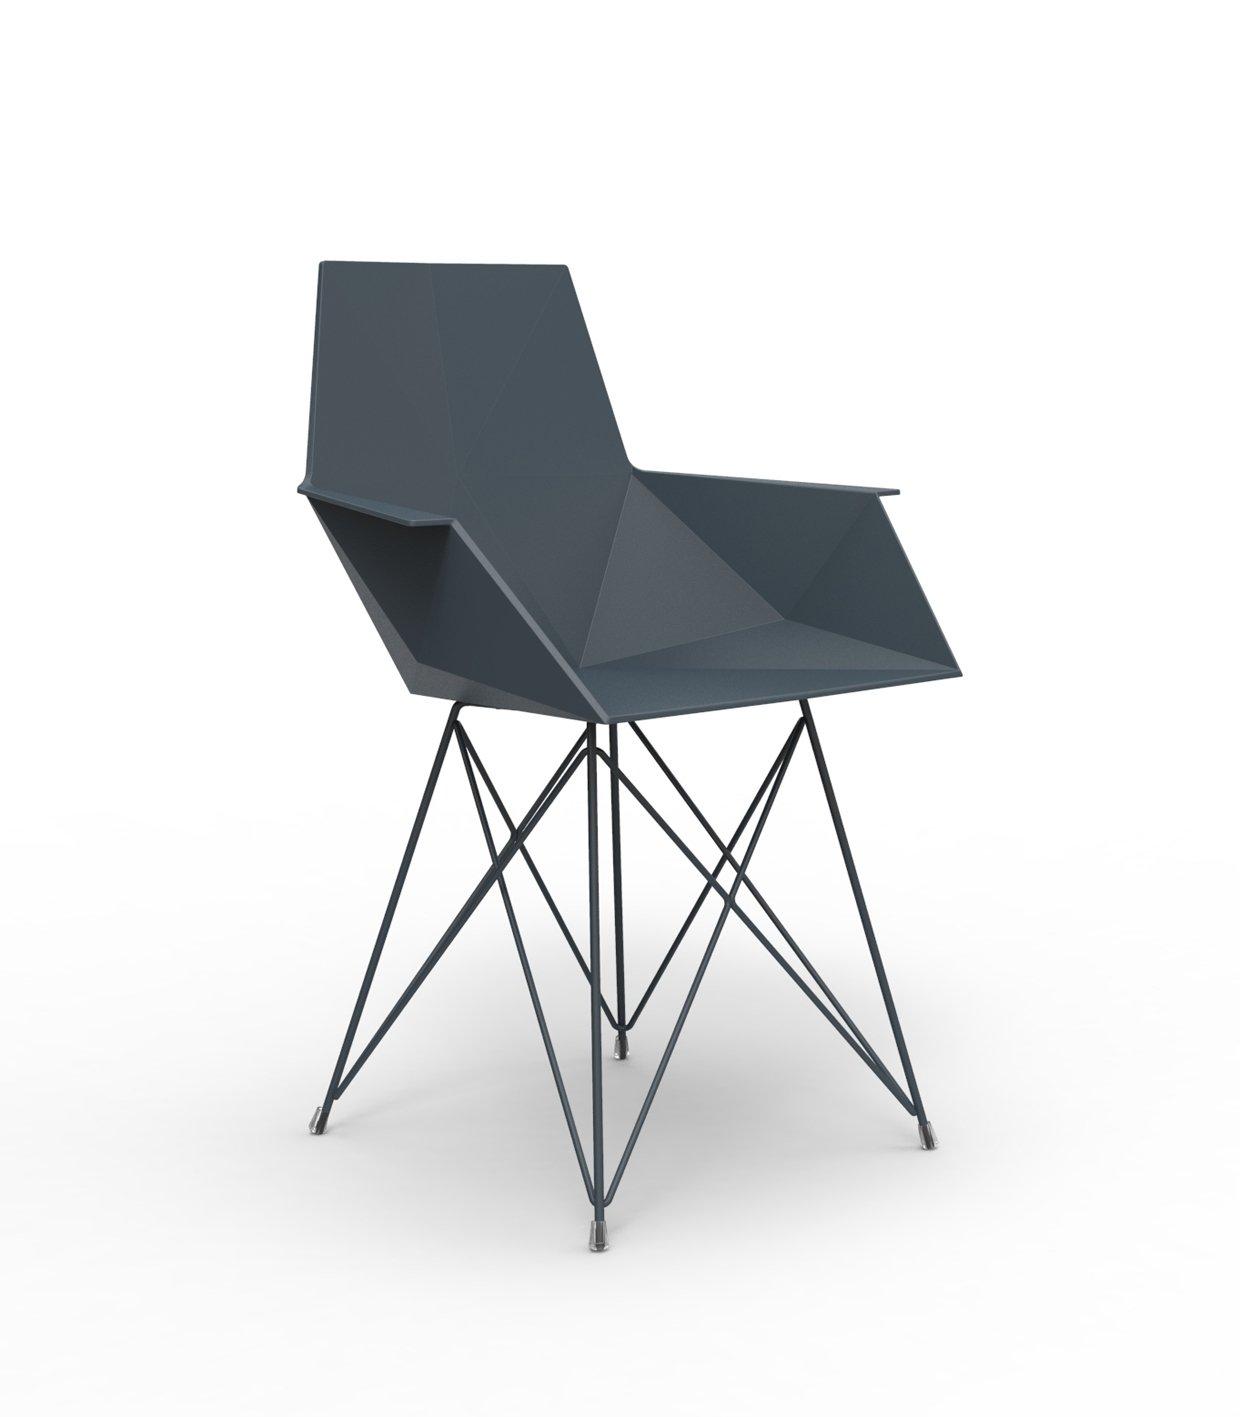 Vondom FAZ Stuhl mit Armlehnen - schwarz - Stahlgestell - Ramón Esteve - Design - Esszimmerstuhl - Gartenstuhl